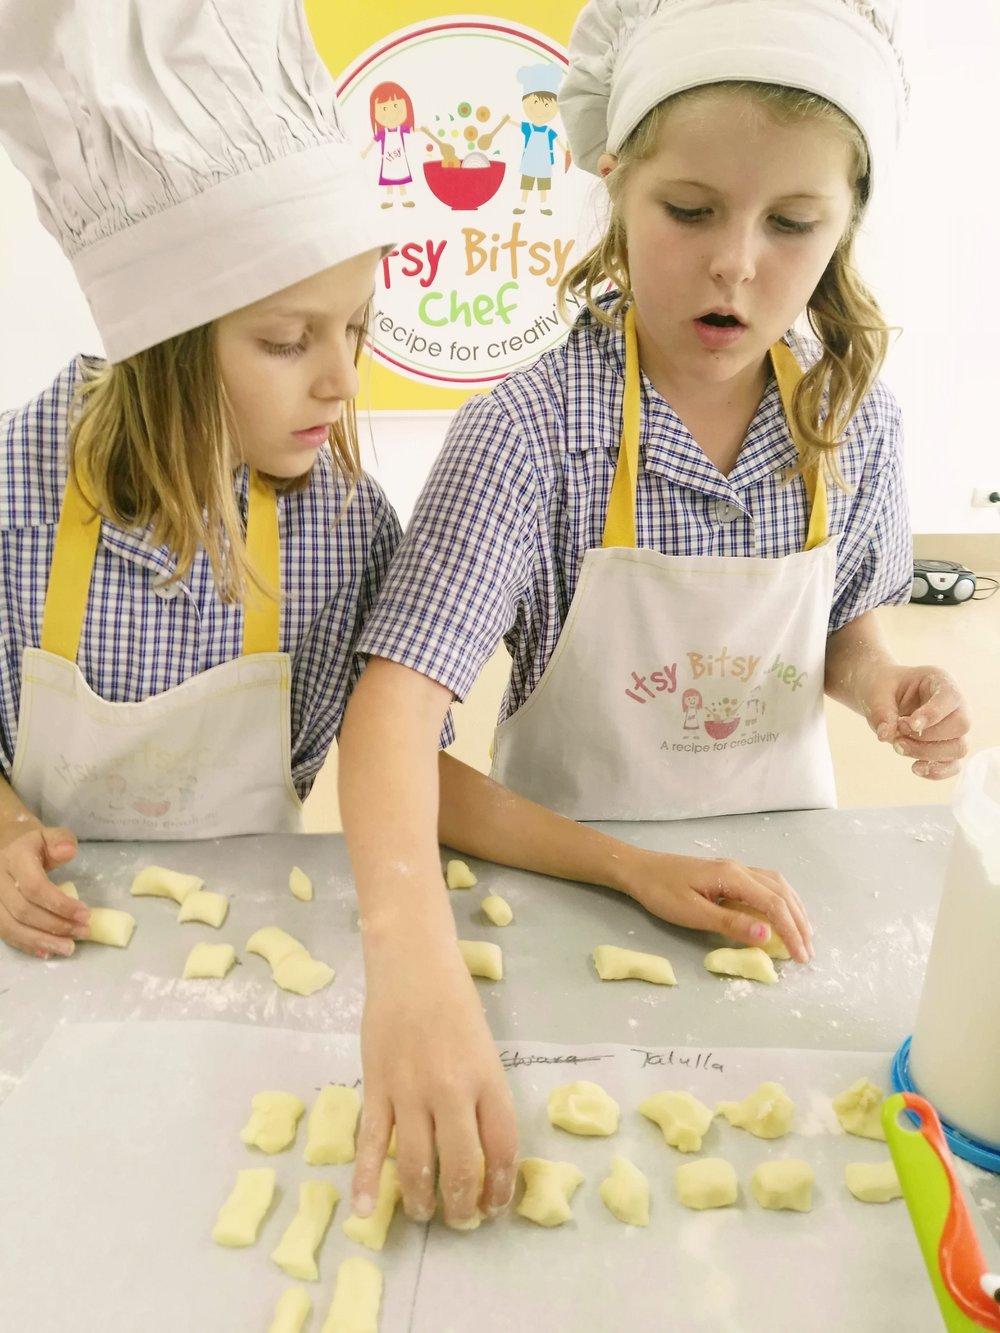 makinggnocchi.jpg